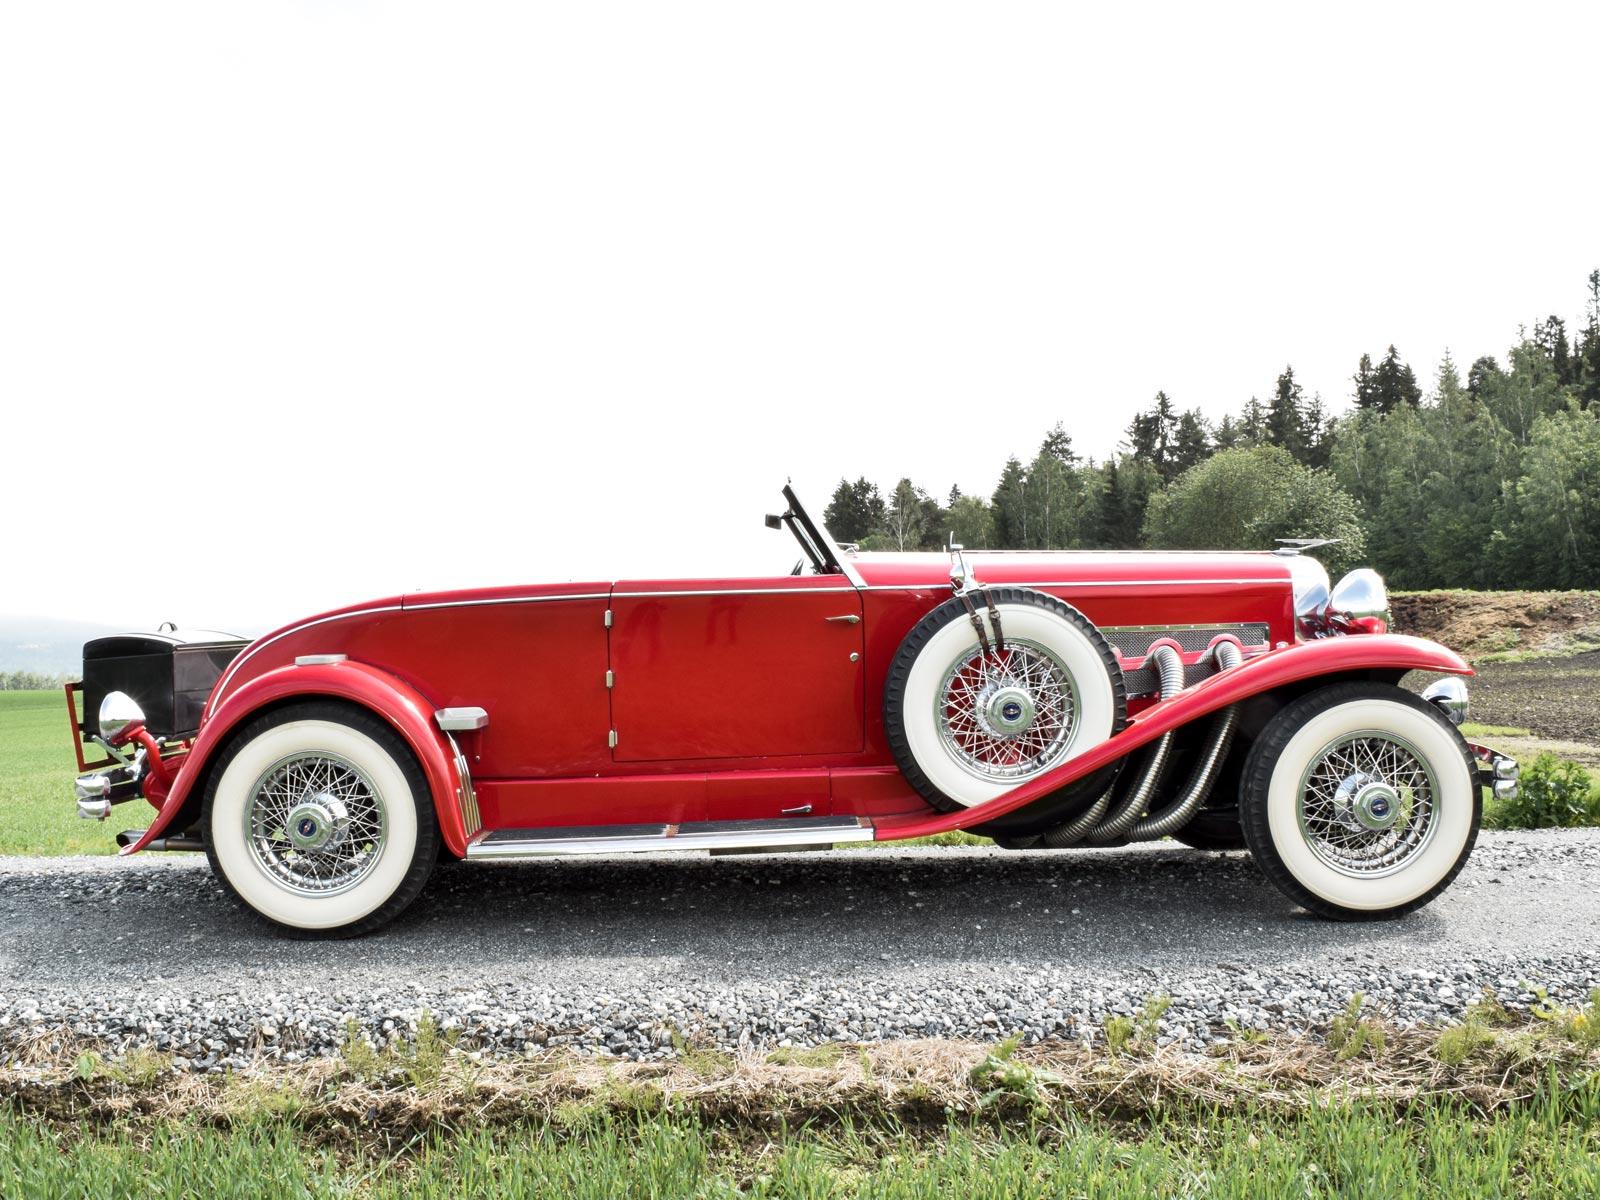 Dusenberg 1932 modell. Se vårt utvalg av biler.